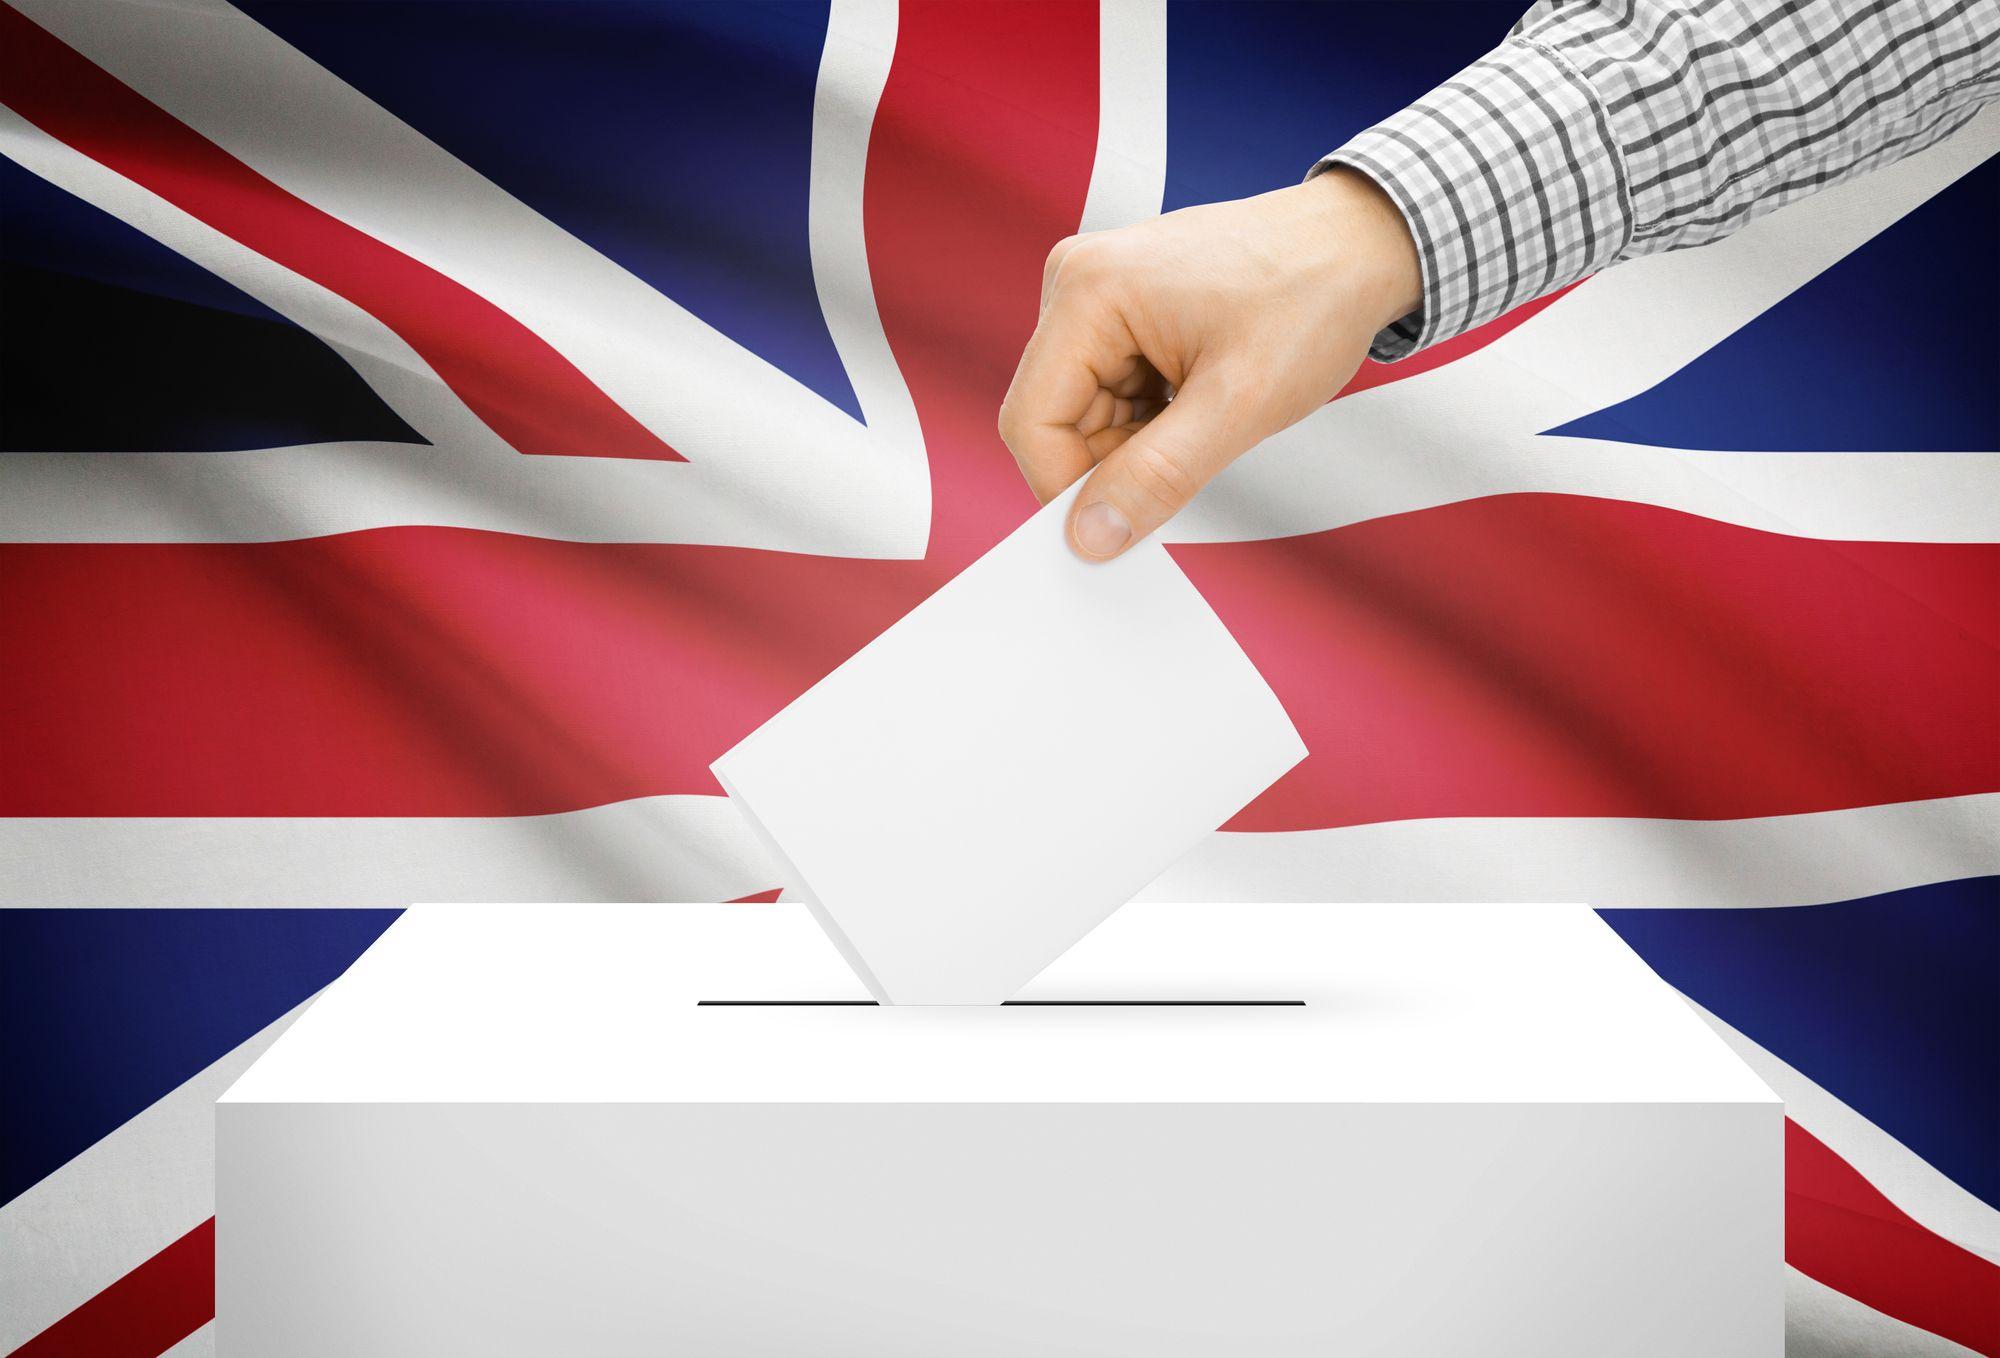 由于英国议会大选 FXOpen可能改变外汇保证金要求